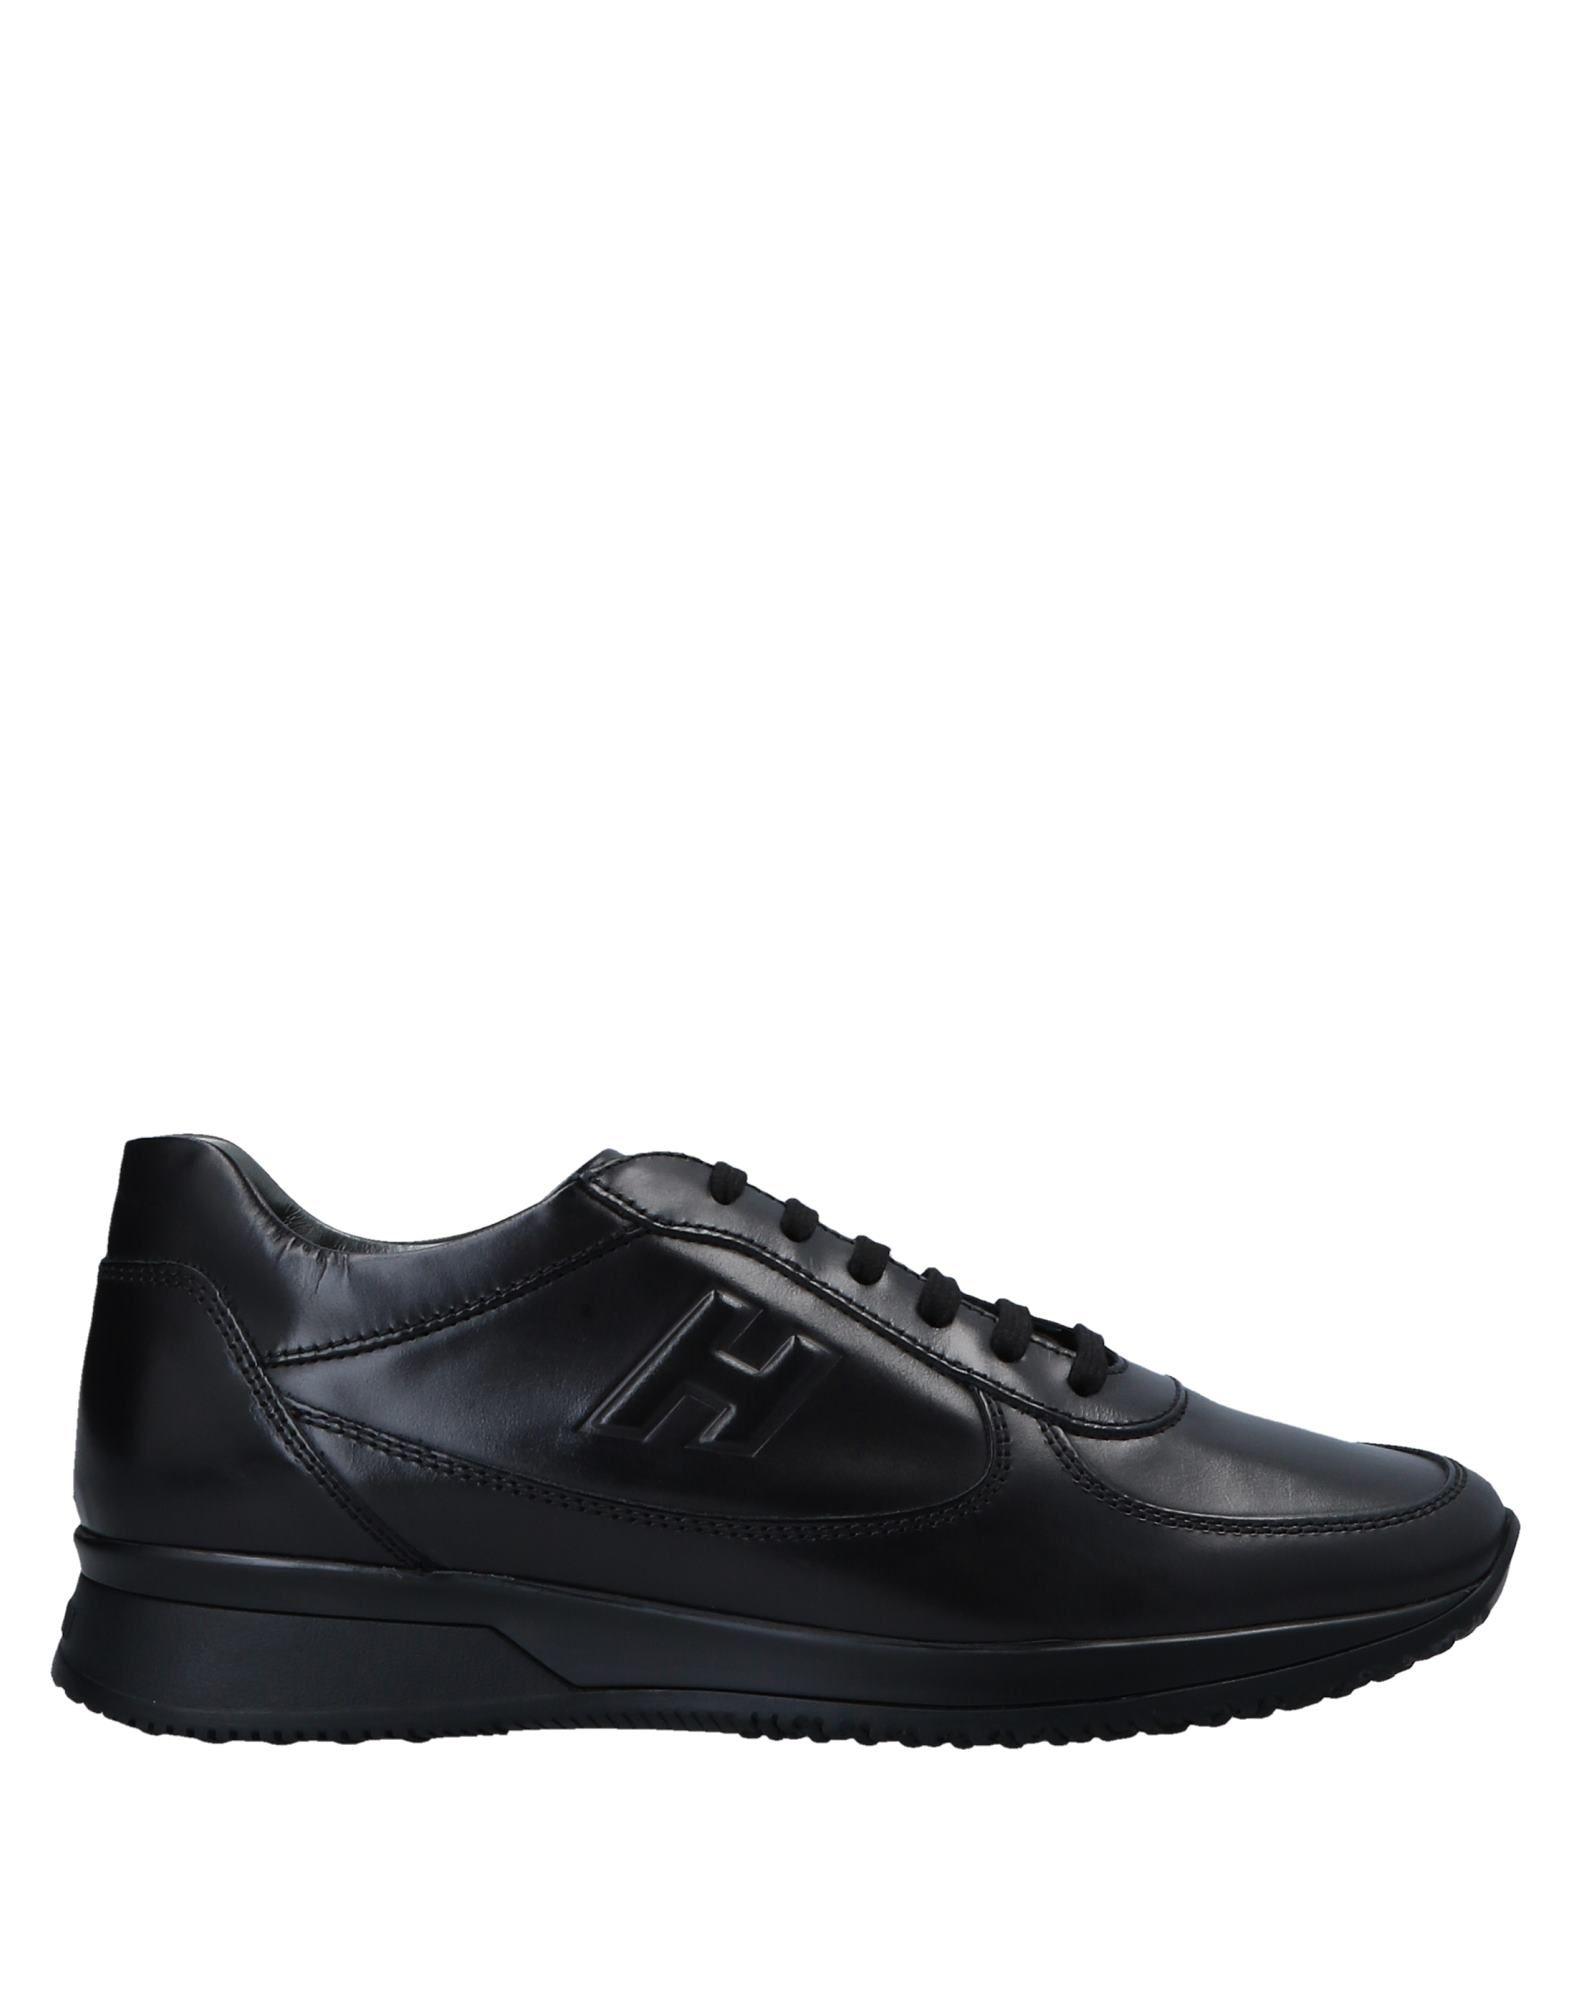 Hogan Sneakers Herren  11560029IP Gute Qualität beliebte Schuhe